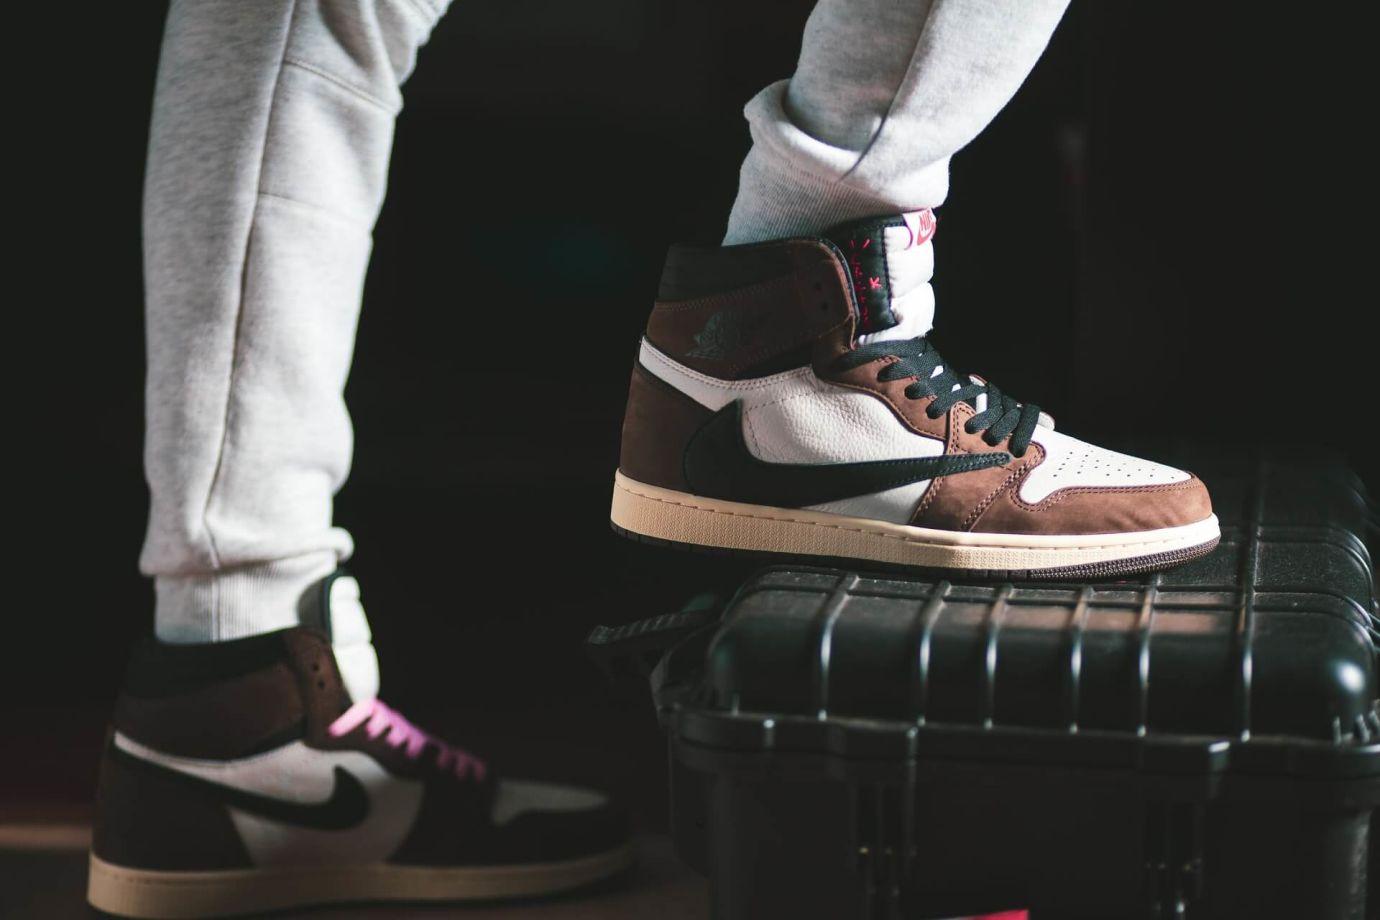 Mann in grauen Sweatpants stellt Fuß in braun-weißem Nike Sneaker auf Koffer